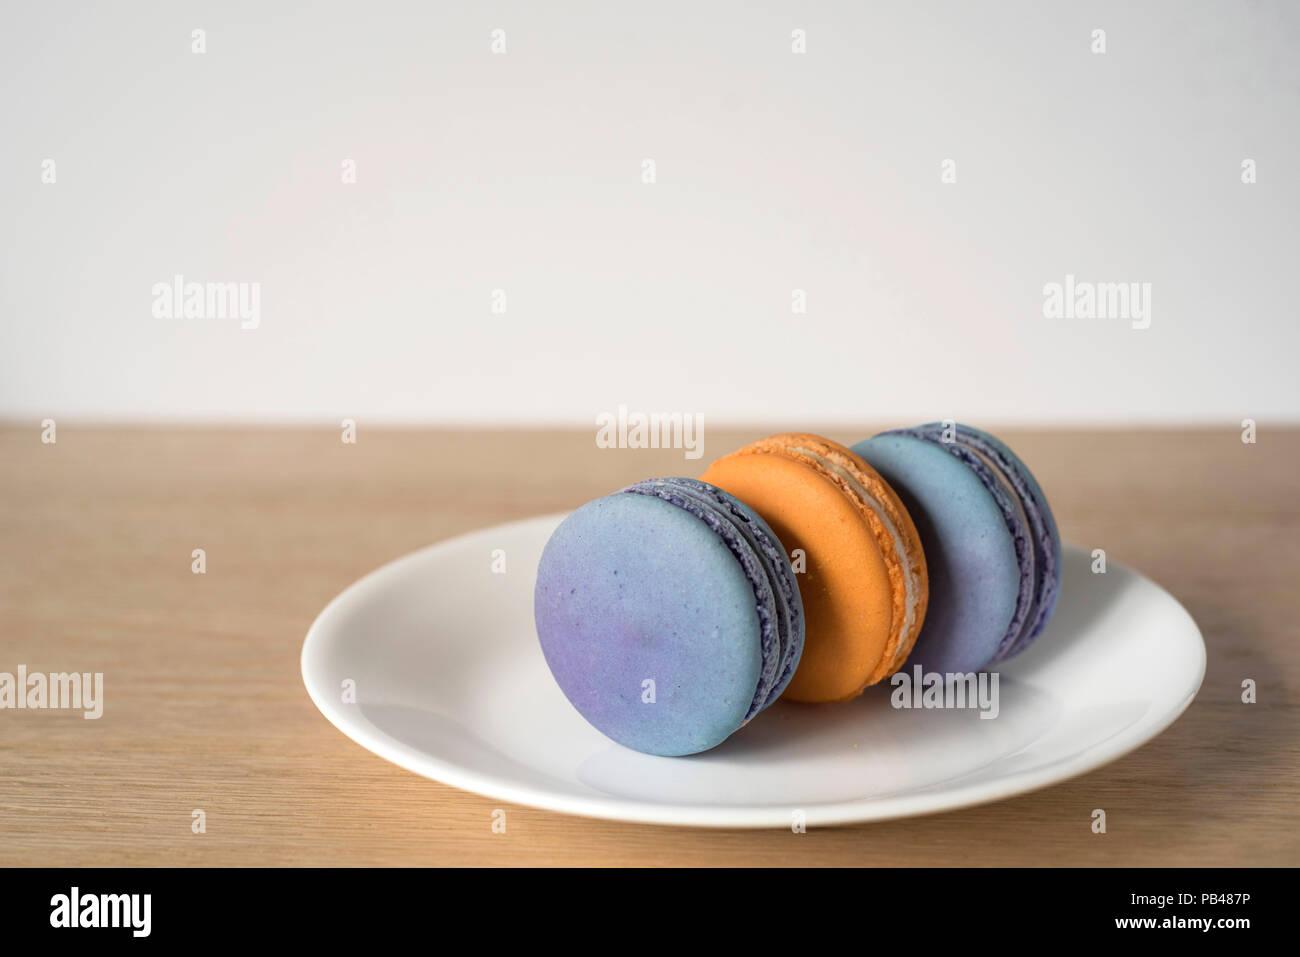 Tre arancio e blu Macarons seduti sui loro lati su una piastra Immagini Stock